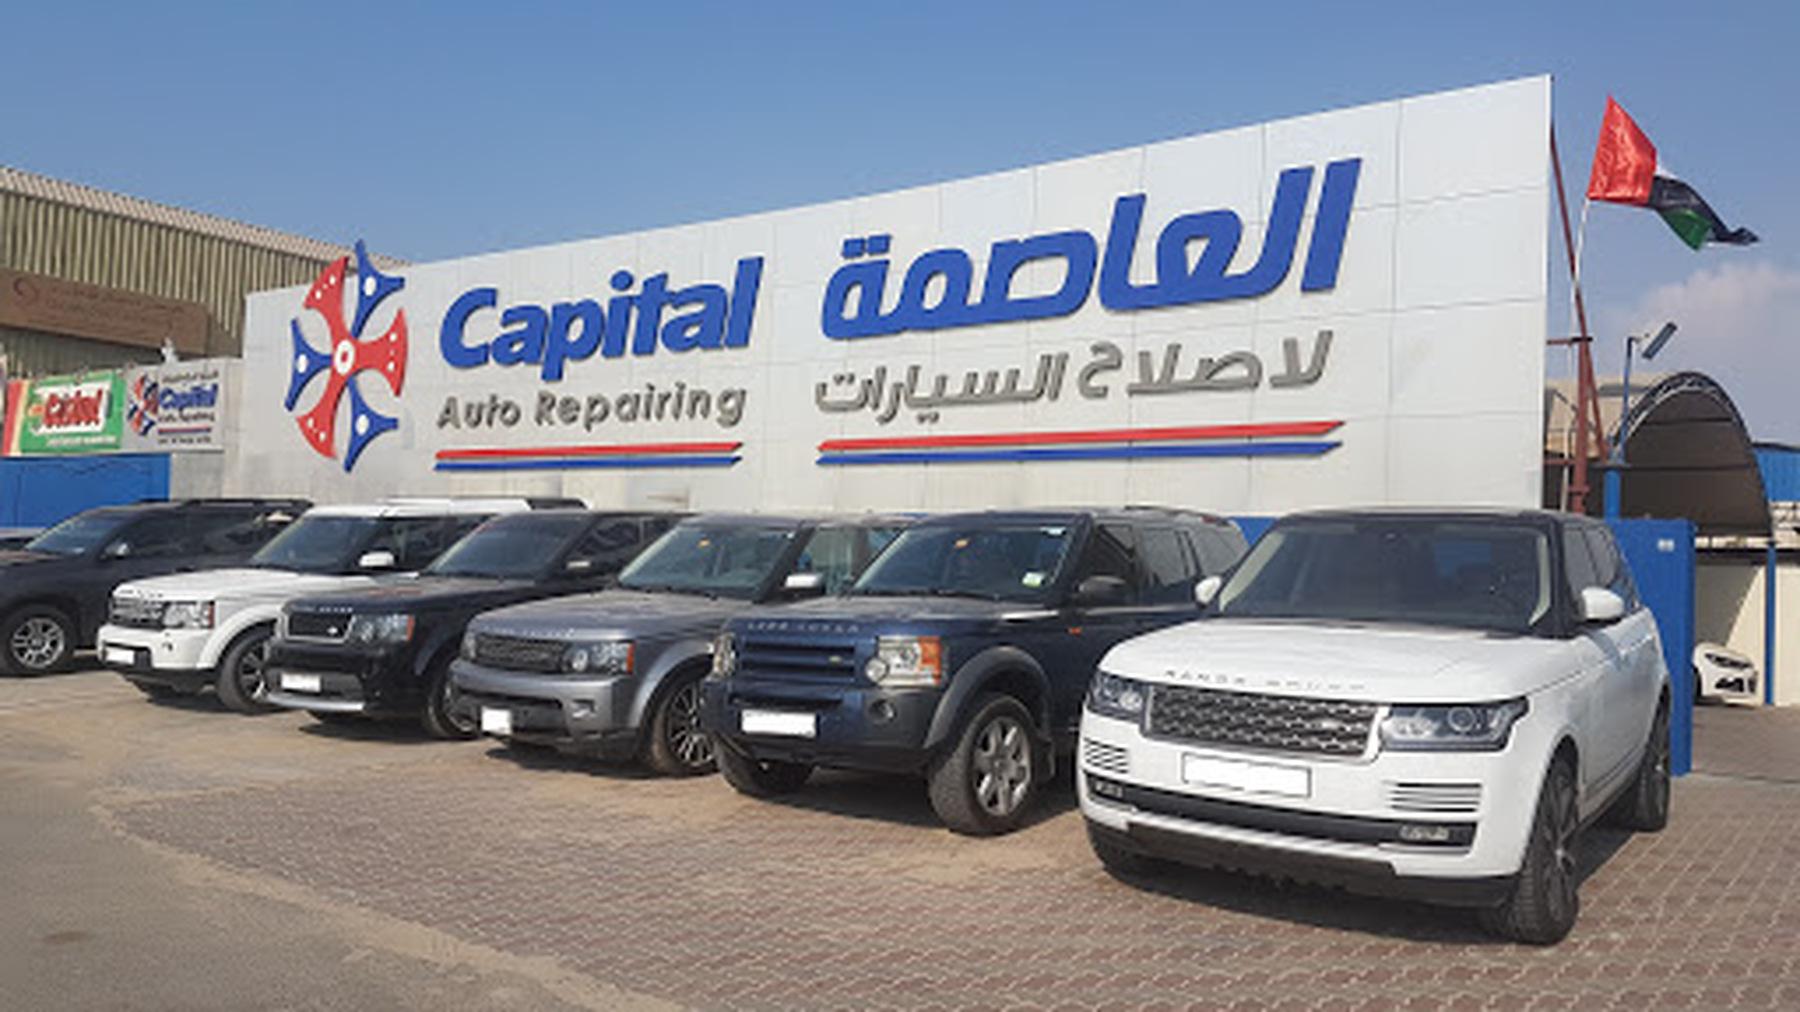 Car Repair & Service Workshop Capital Auto Repairing Supplier in Dubai Dubai